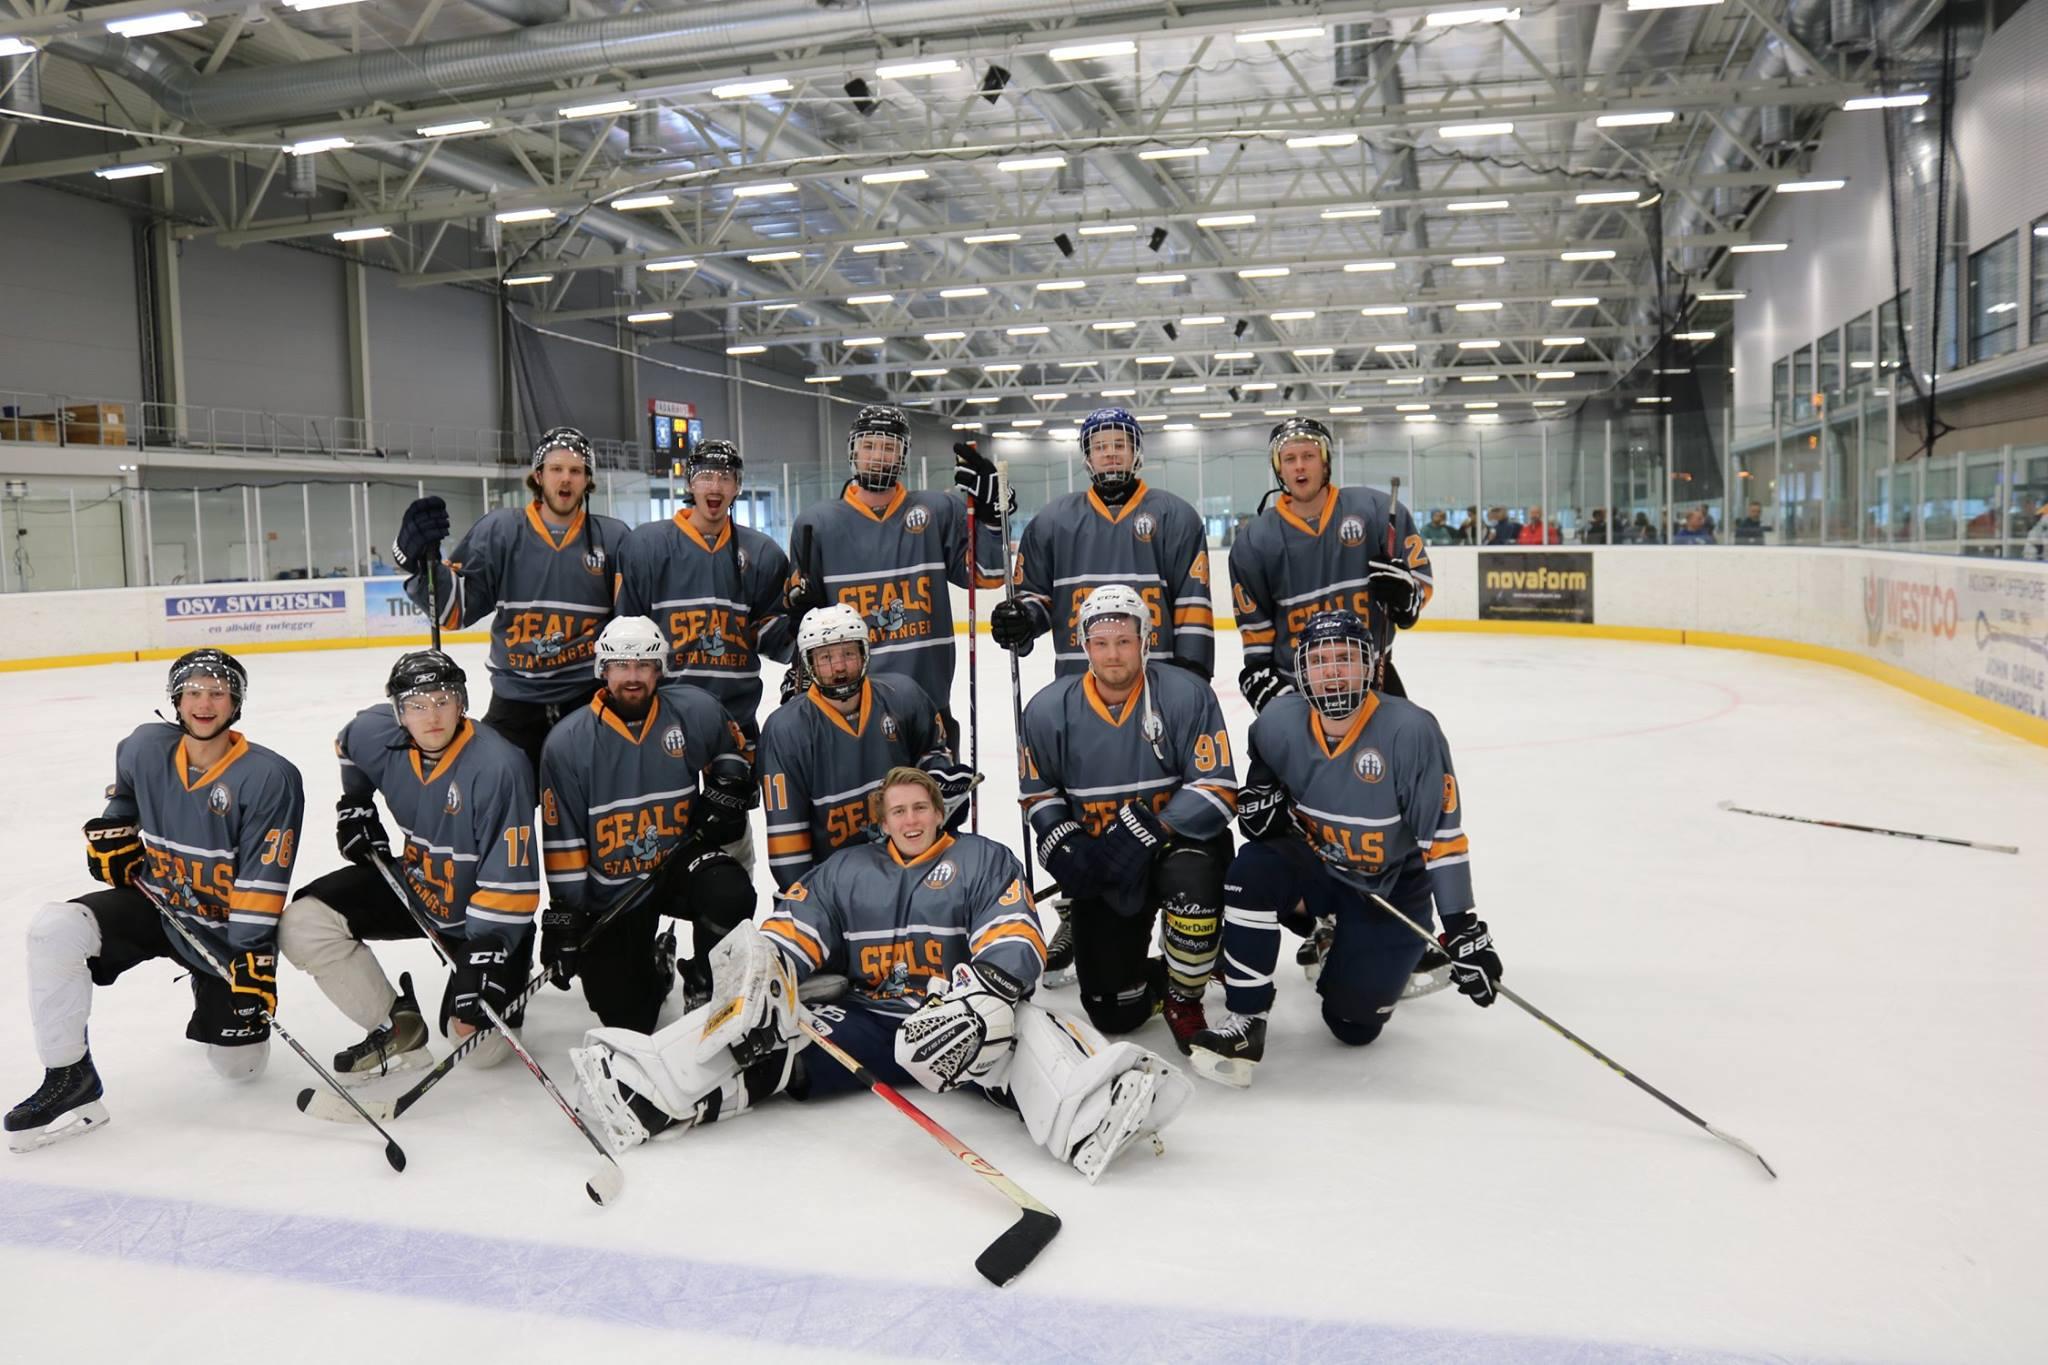 uisi_ishockey_lagbilde